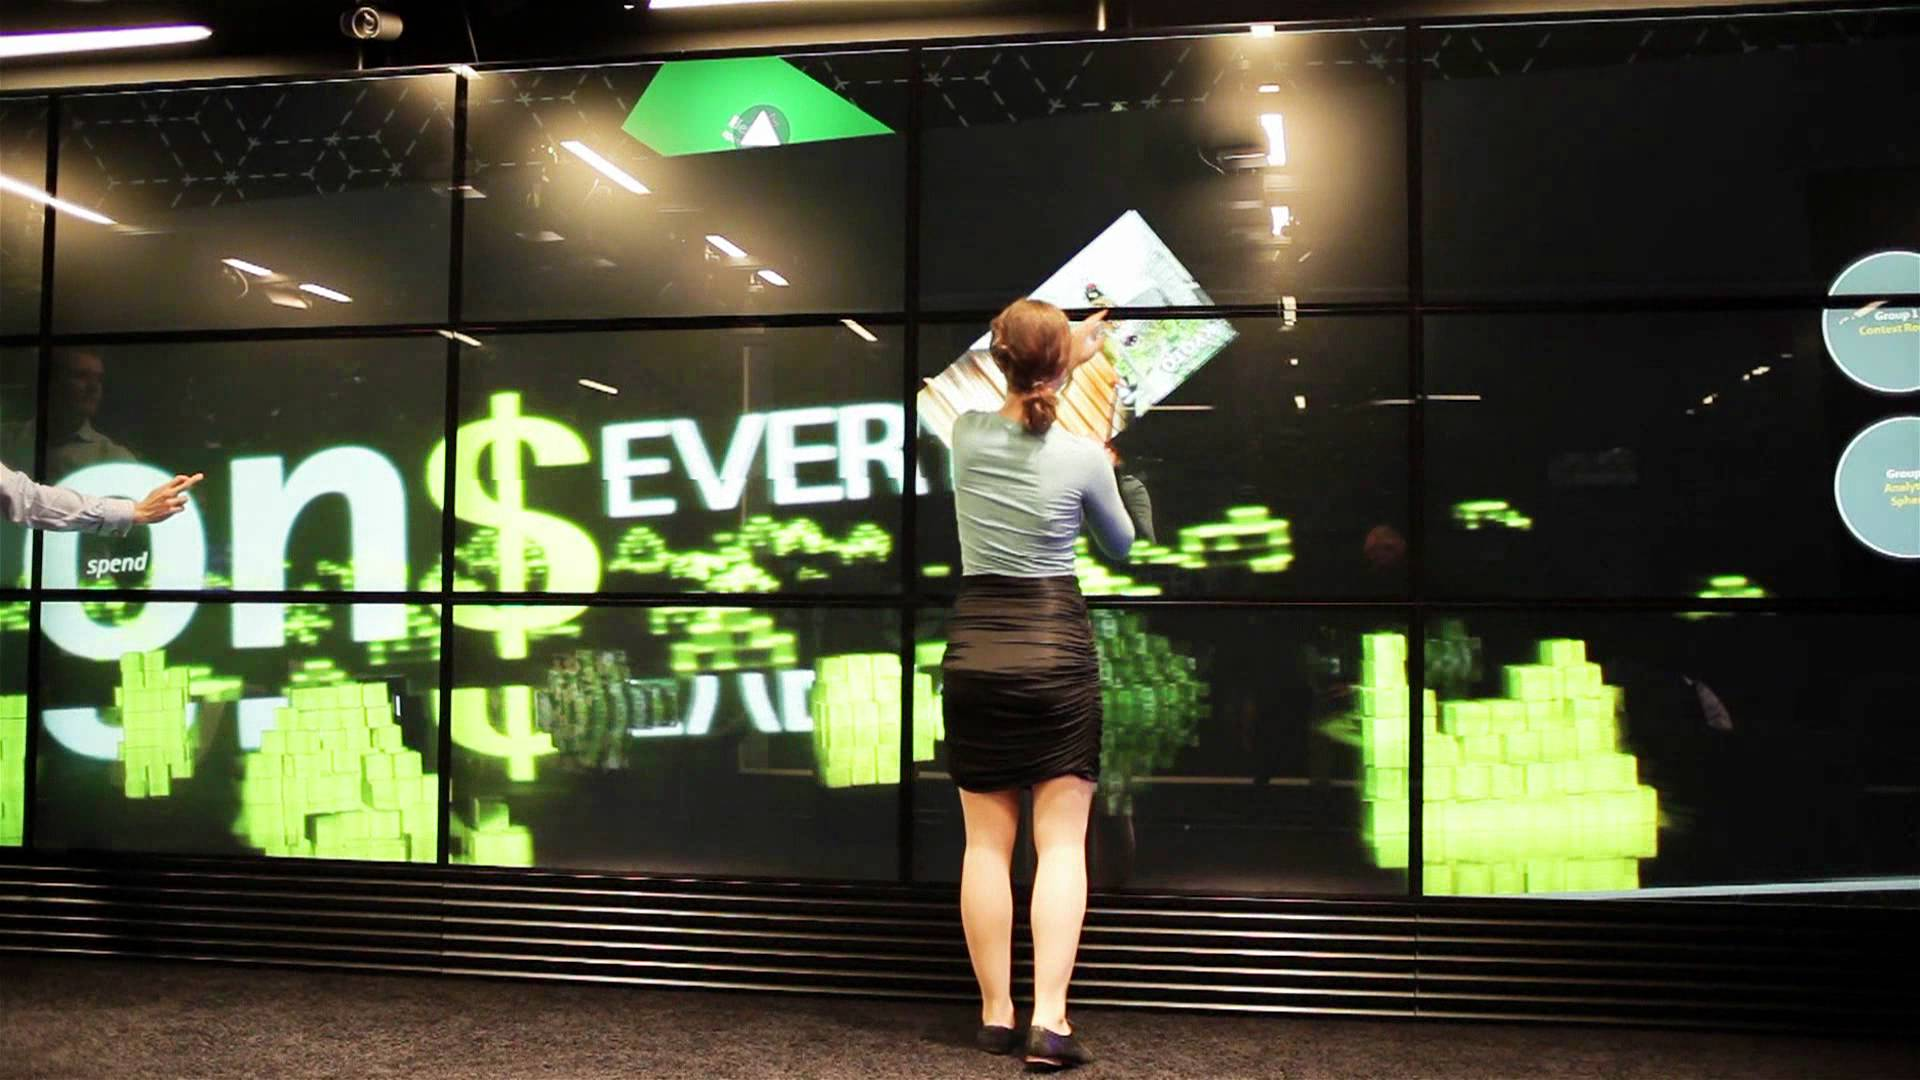 Cel mai mare ecran touch screen din lume